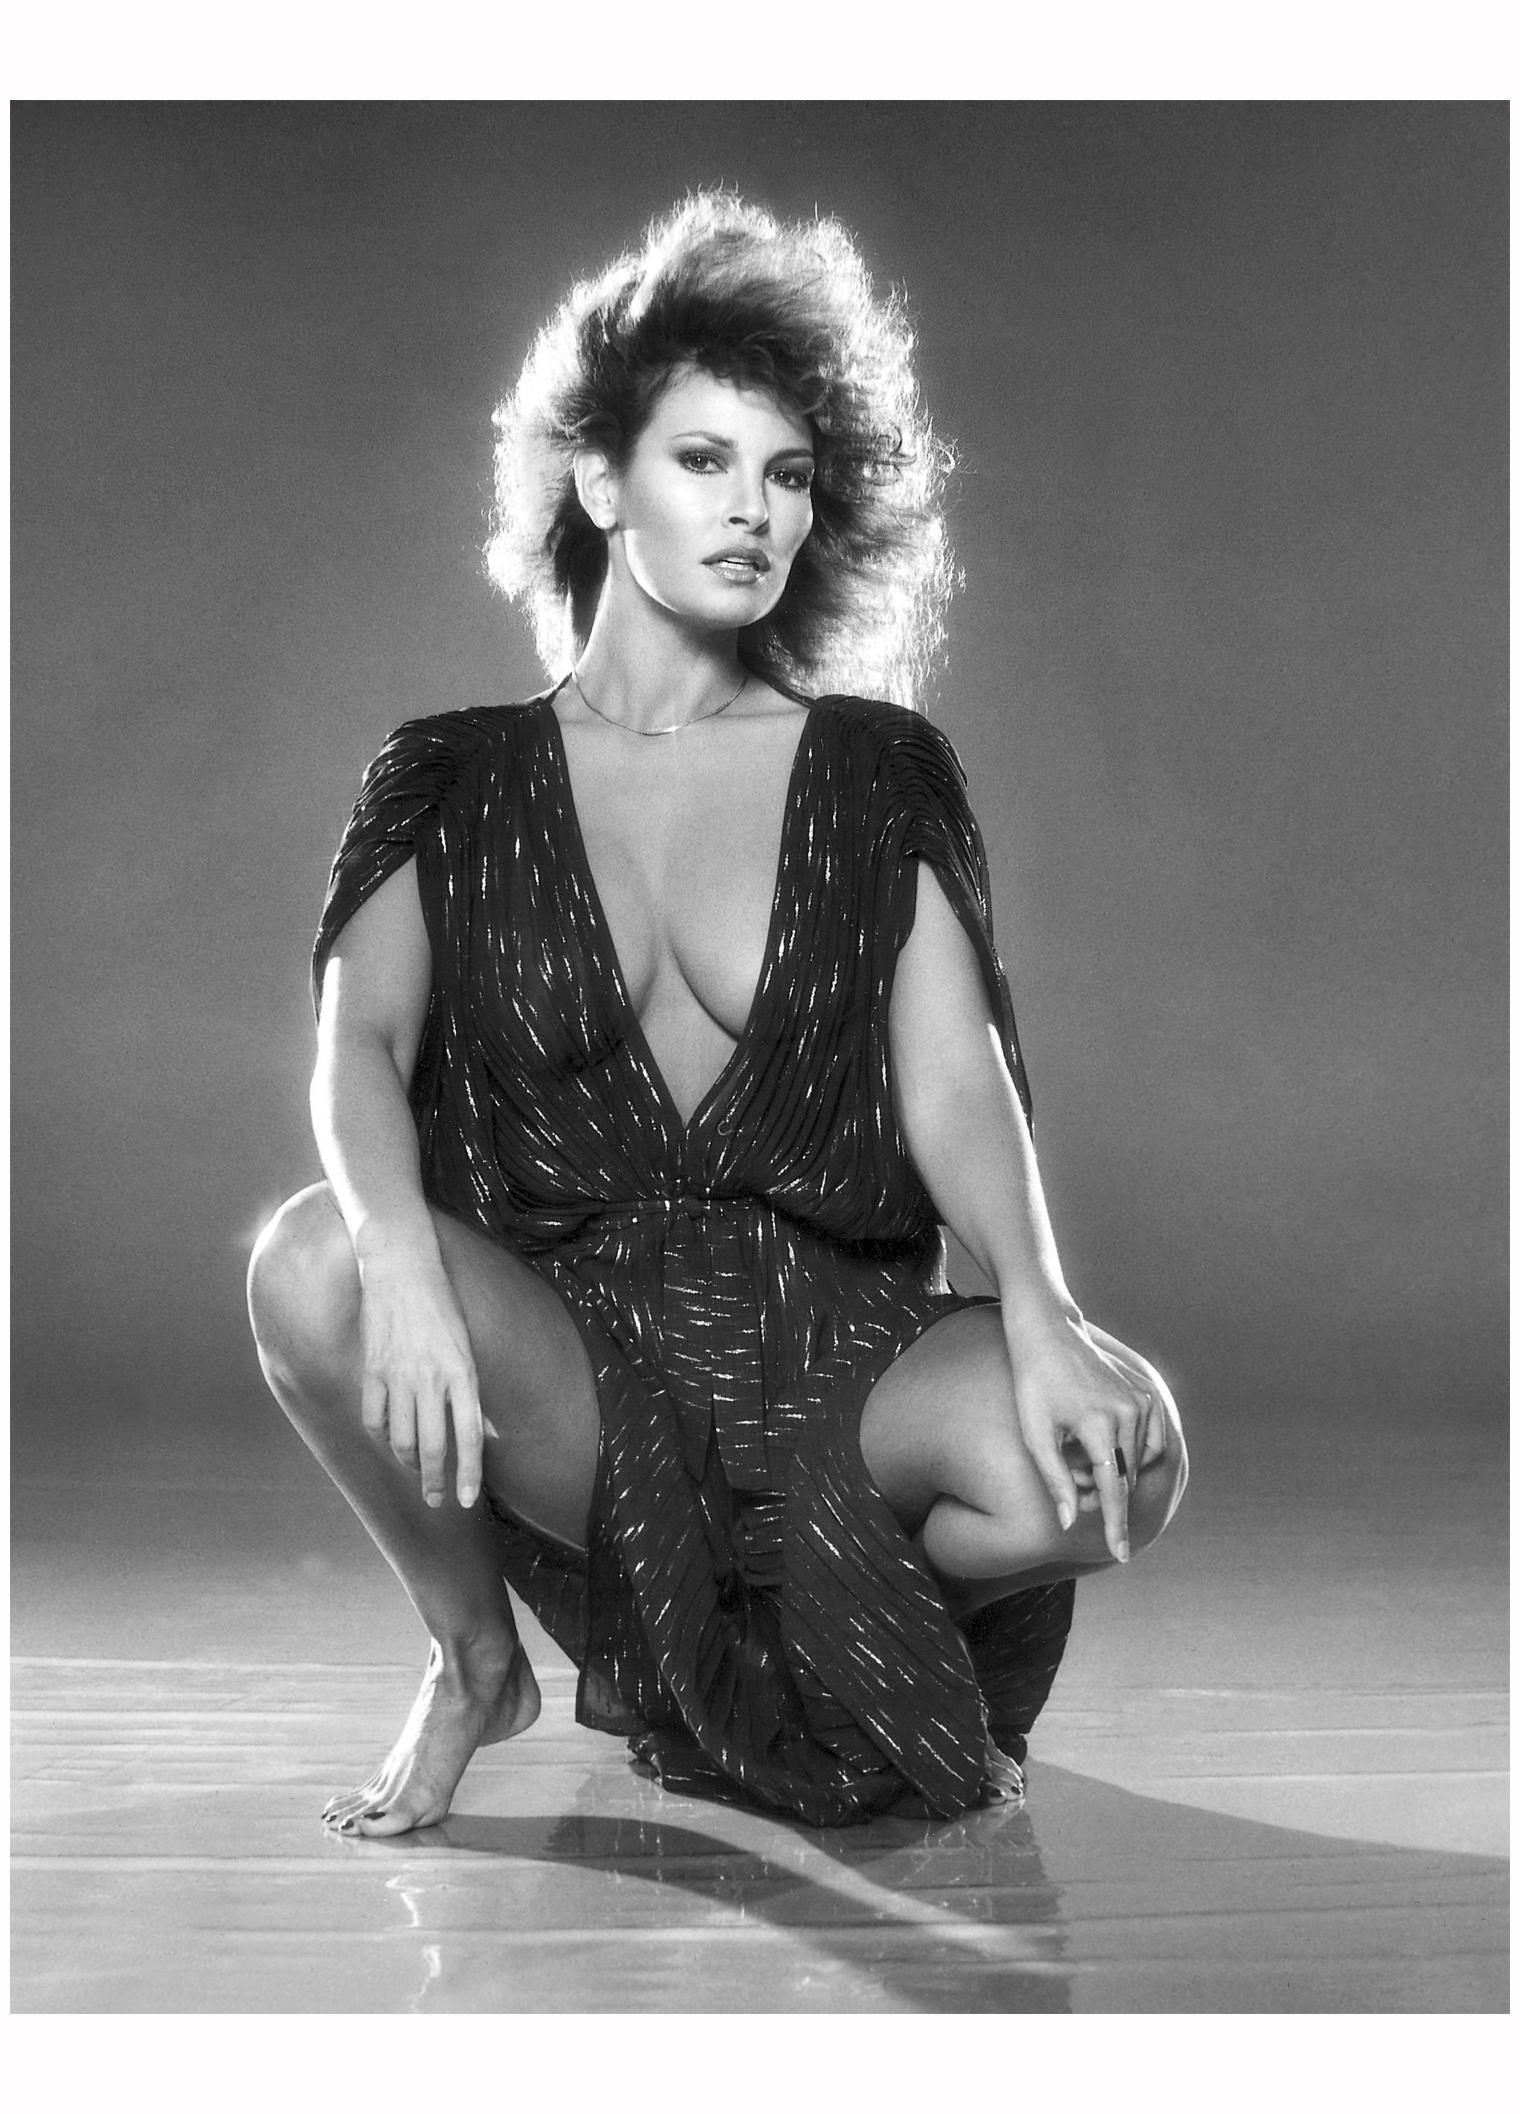 Ina Raymundo (b. 1978)